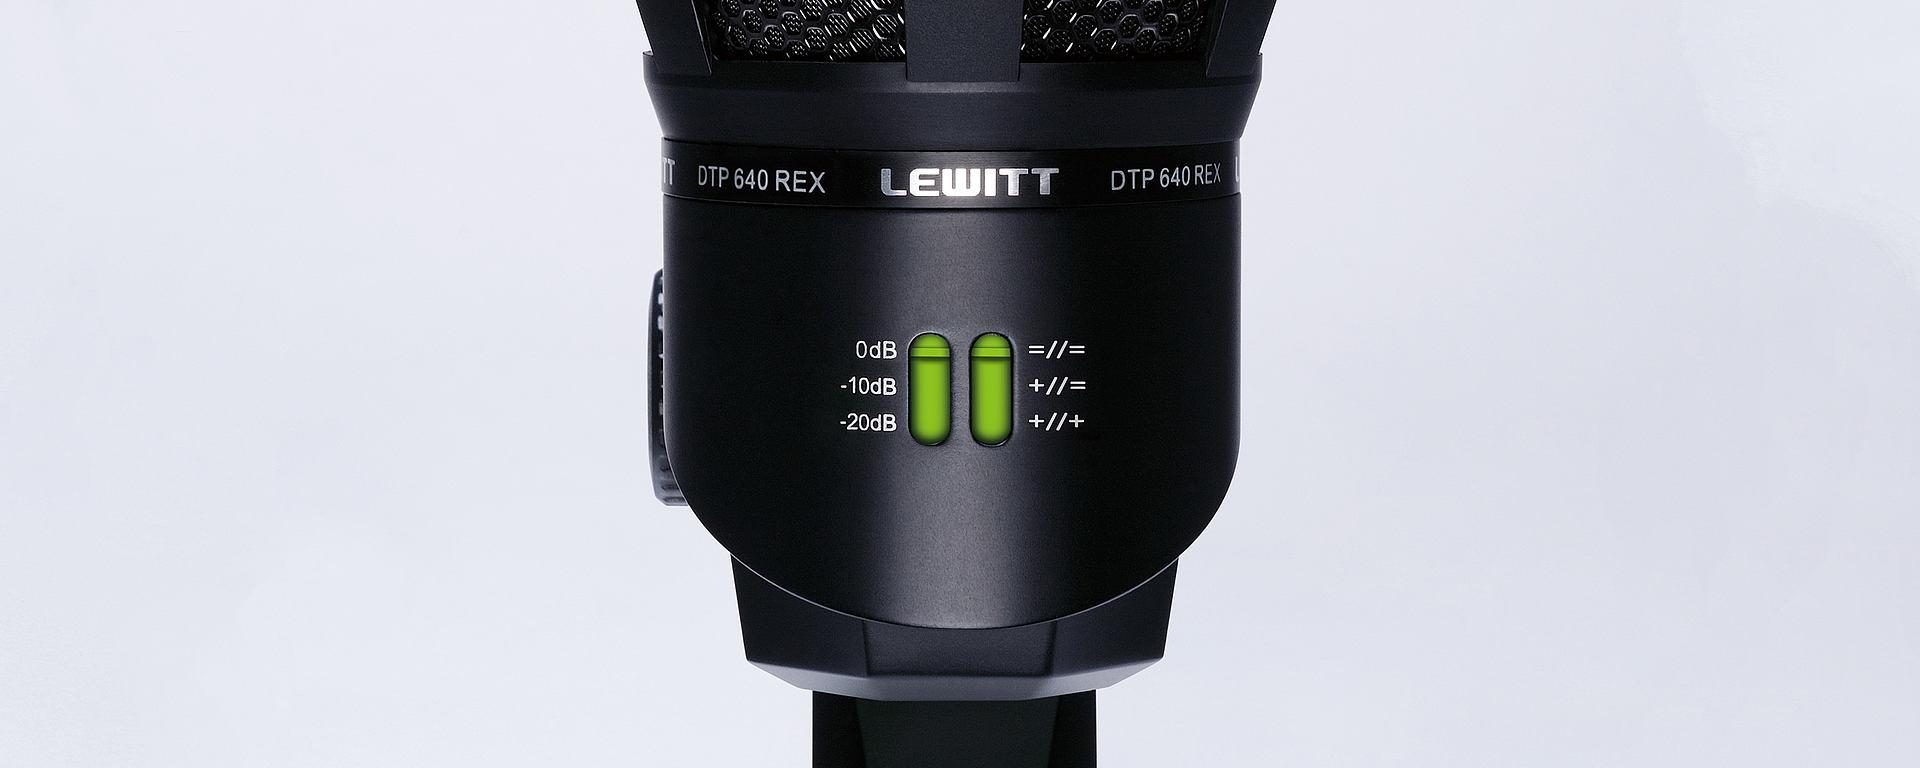 DTP 640 REX soundshaping modes